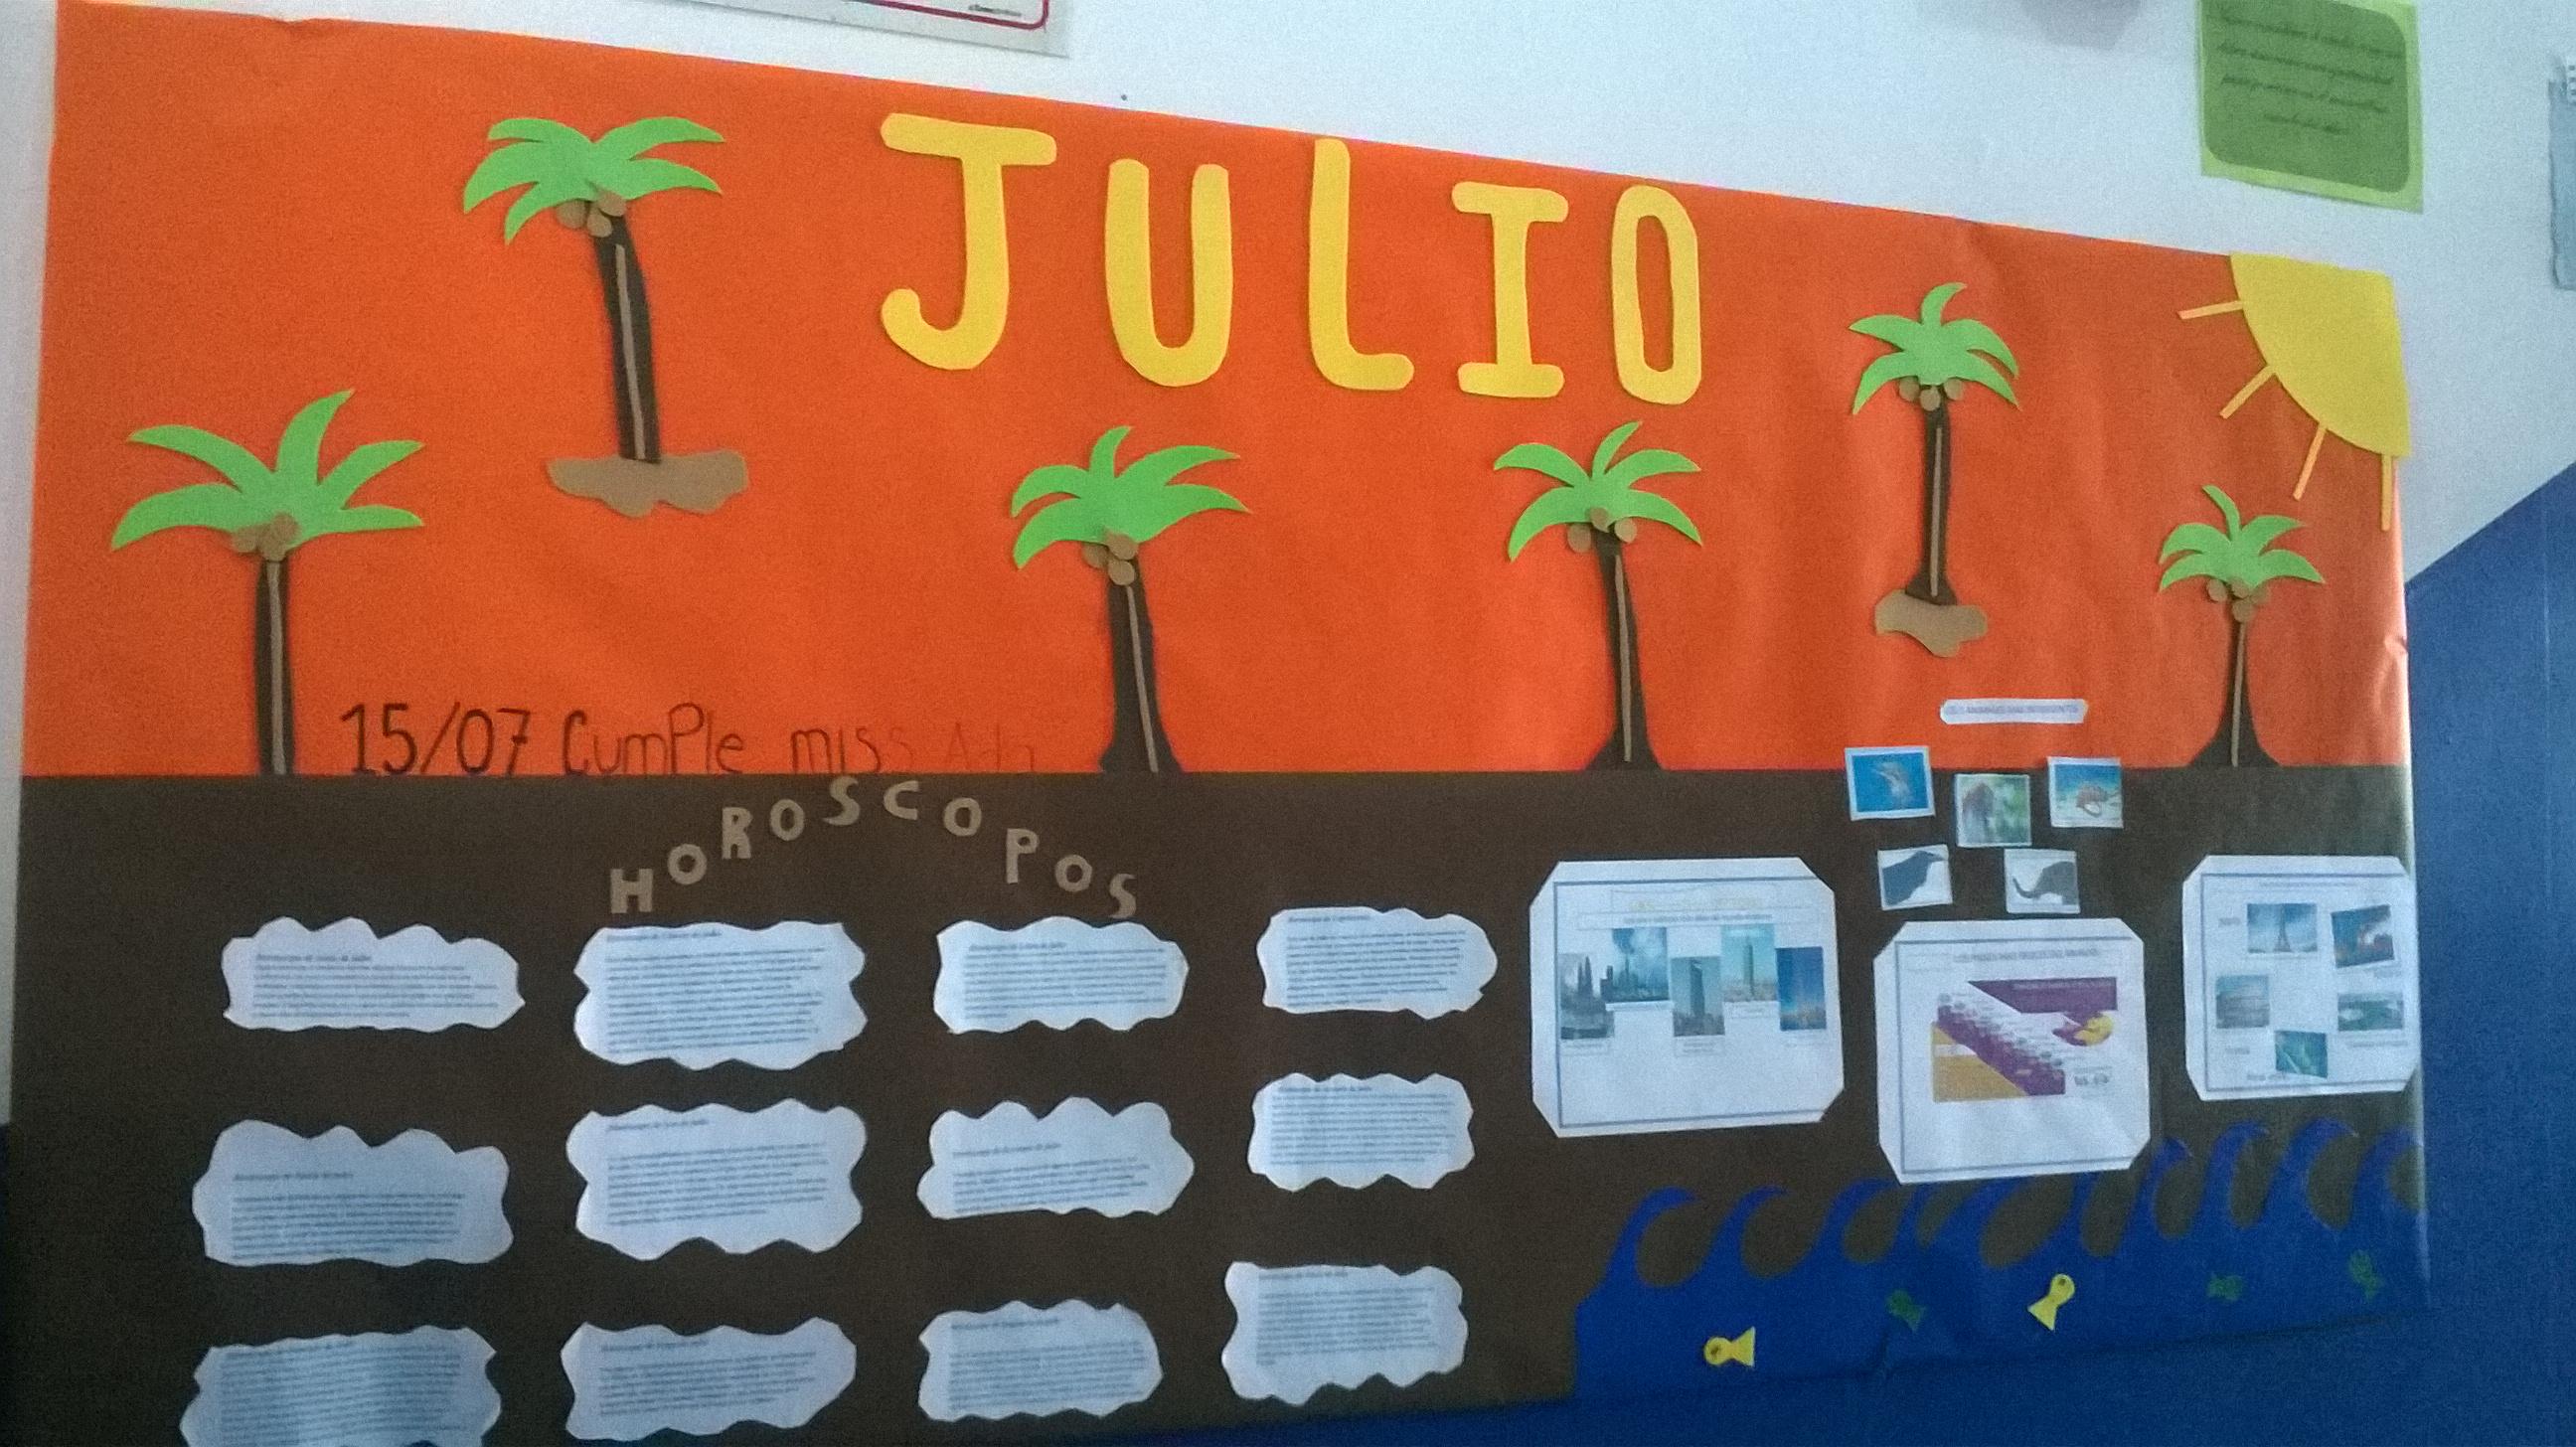 Imagenes educativas for El mural aviso de ocasion